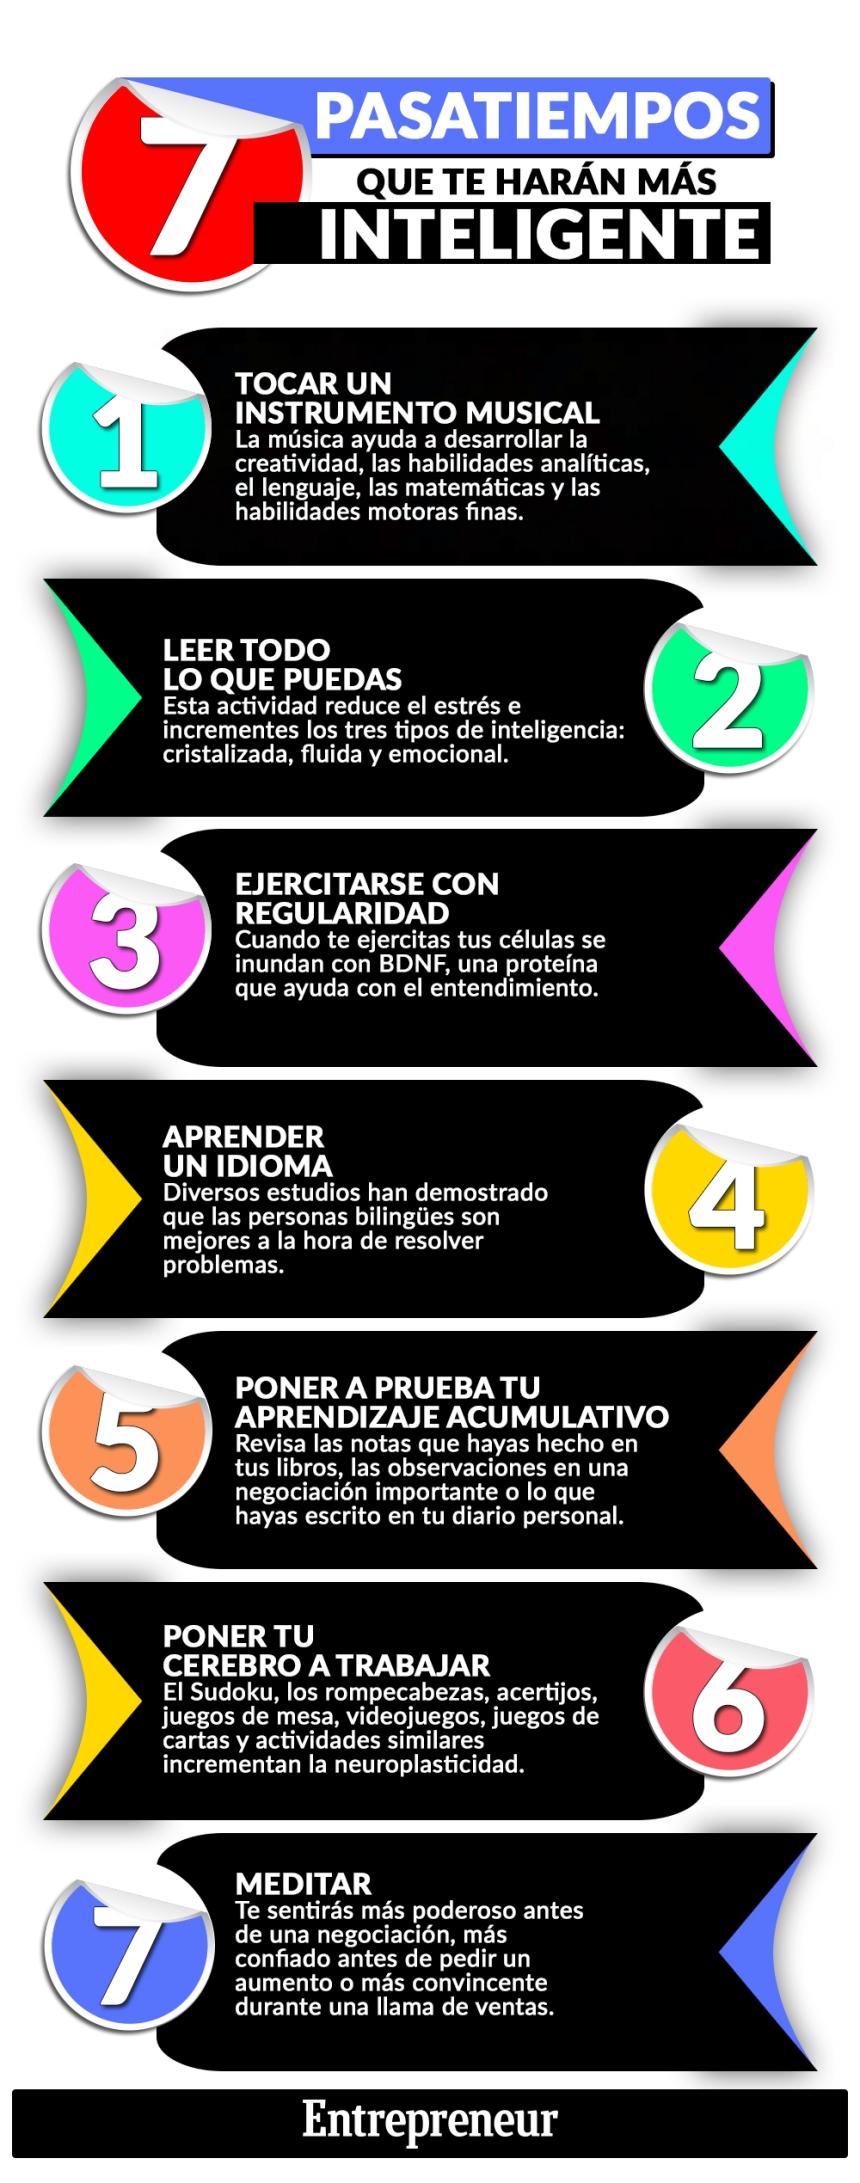 7 pasatiempos que te harán más inteligente